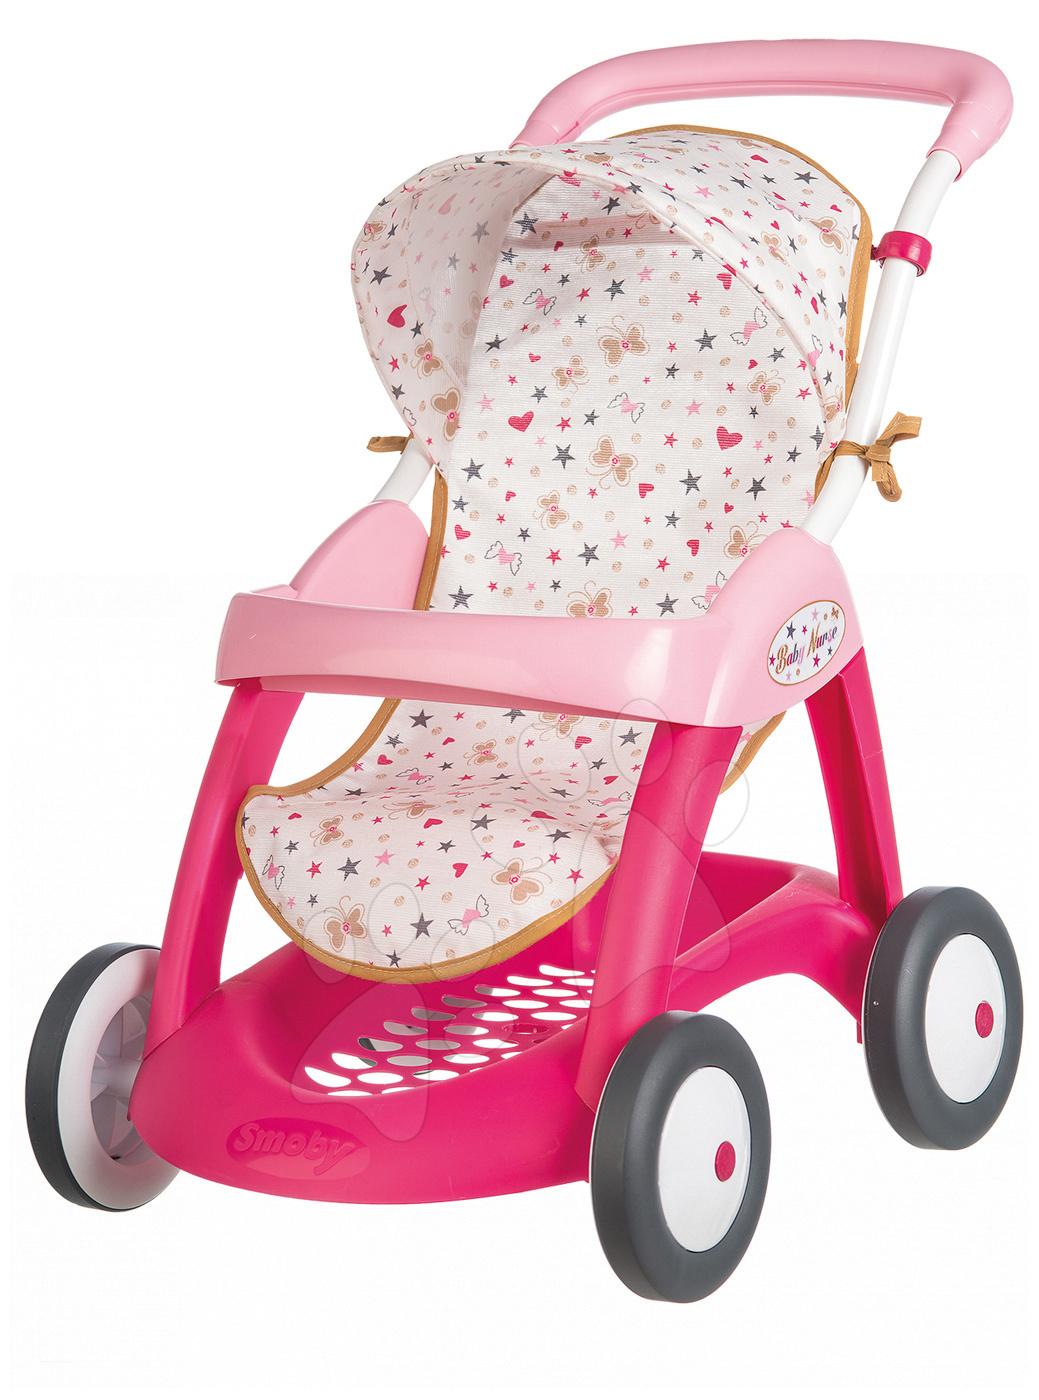 Smoby športový kočiarik pre bábiku Baby Nurse 251023 ružový